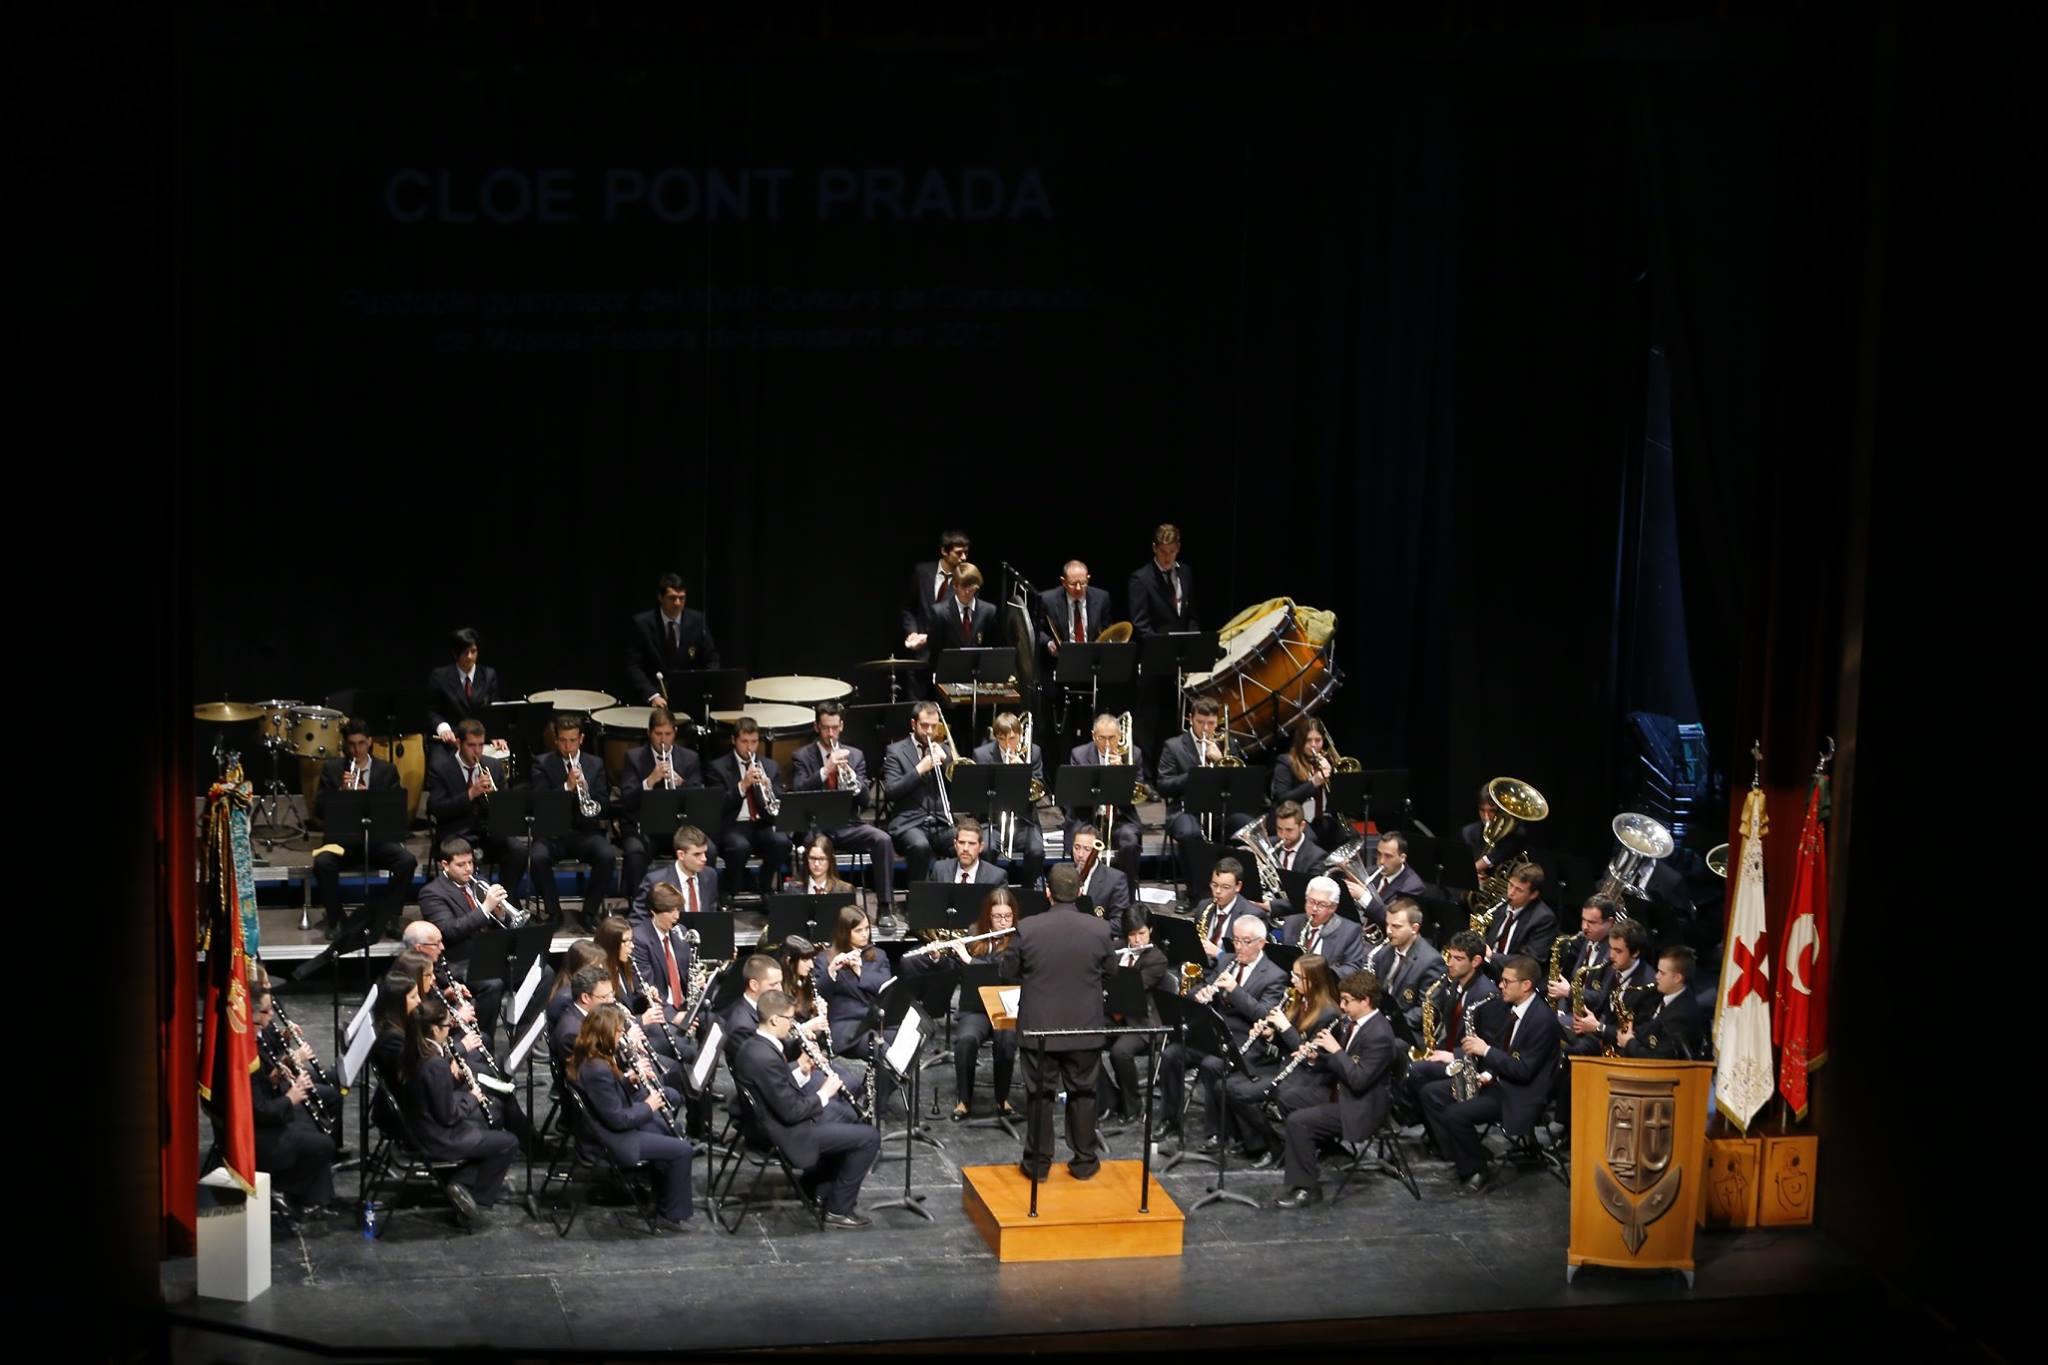 Els concerts de Mig Any, en directe El Periòdic d'Ontinyent